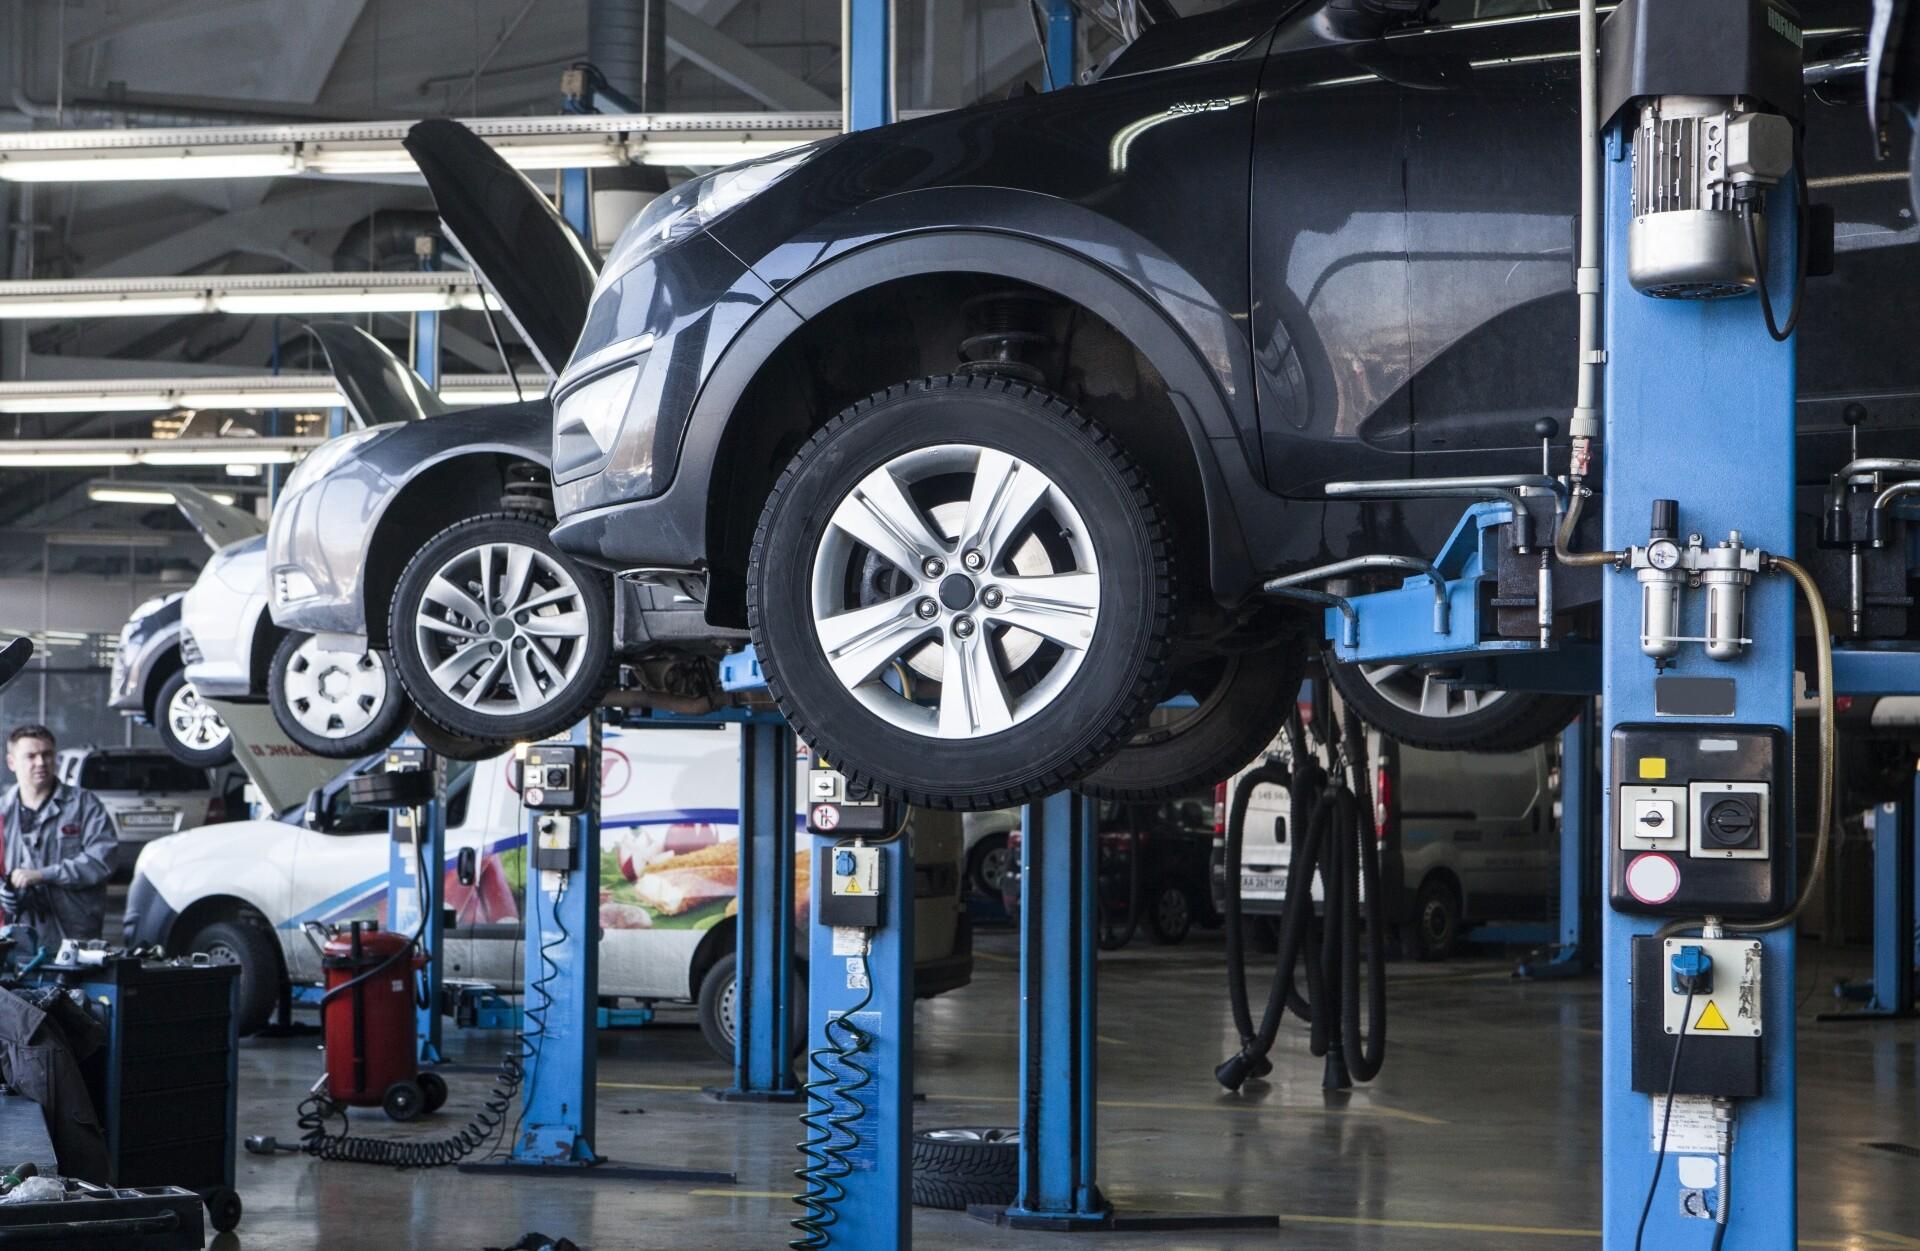 メンテナンスや車検、点検、修理、自動車保険など